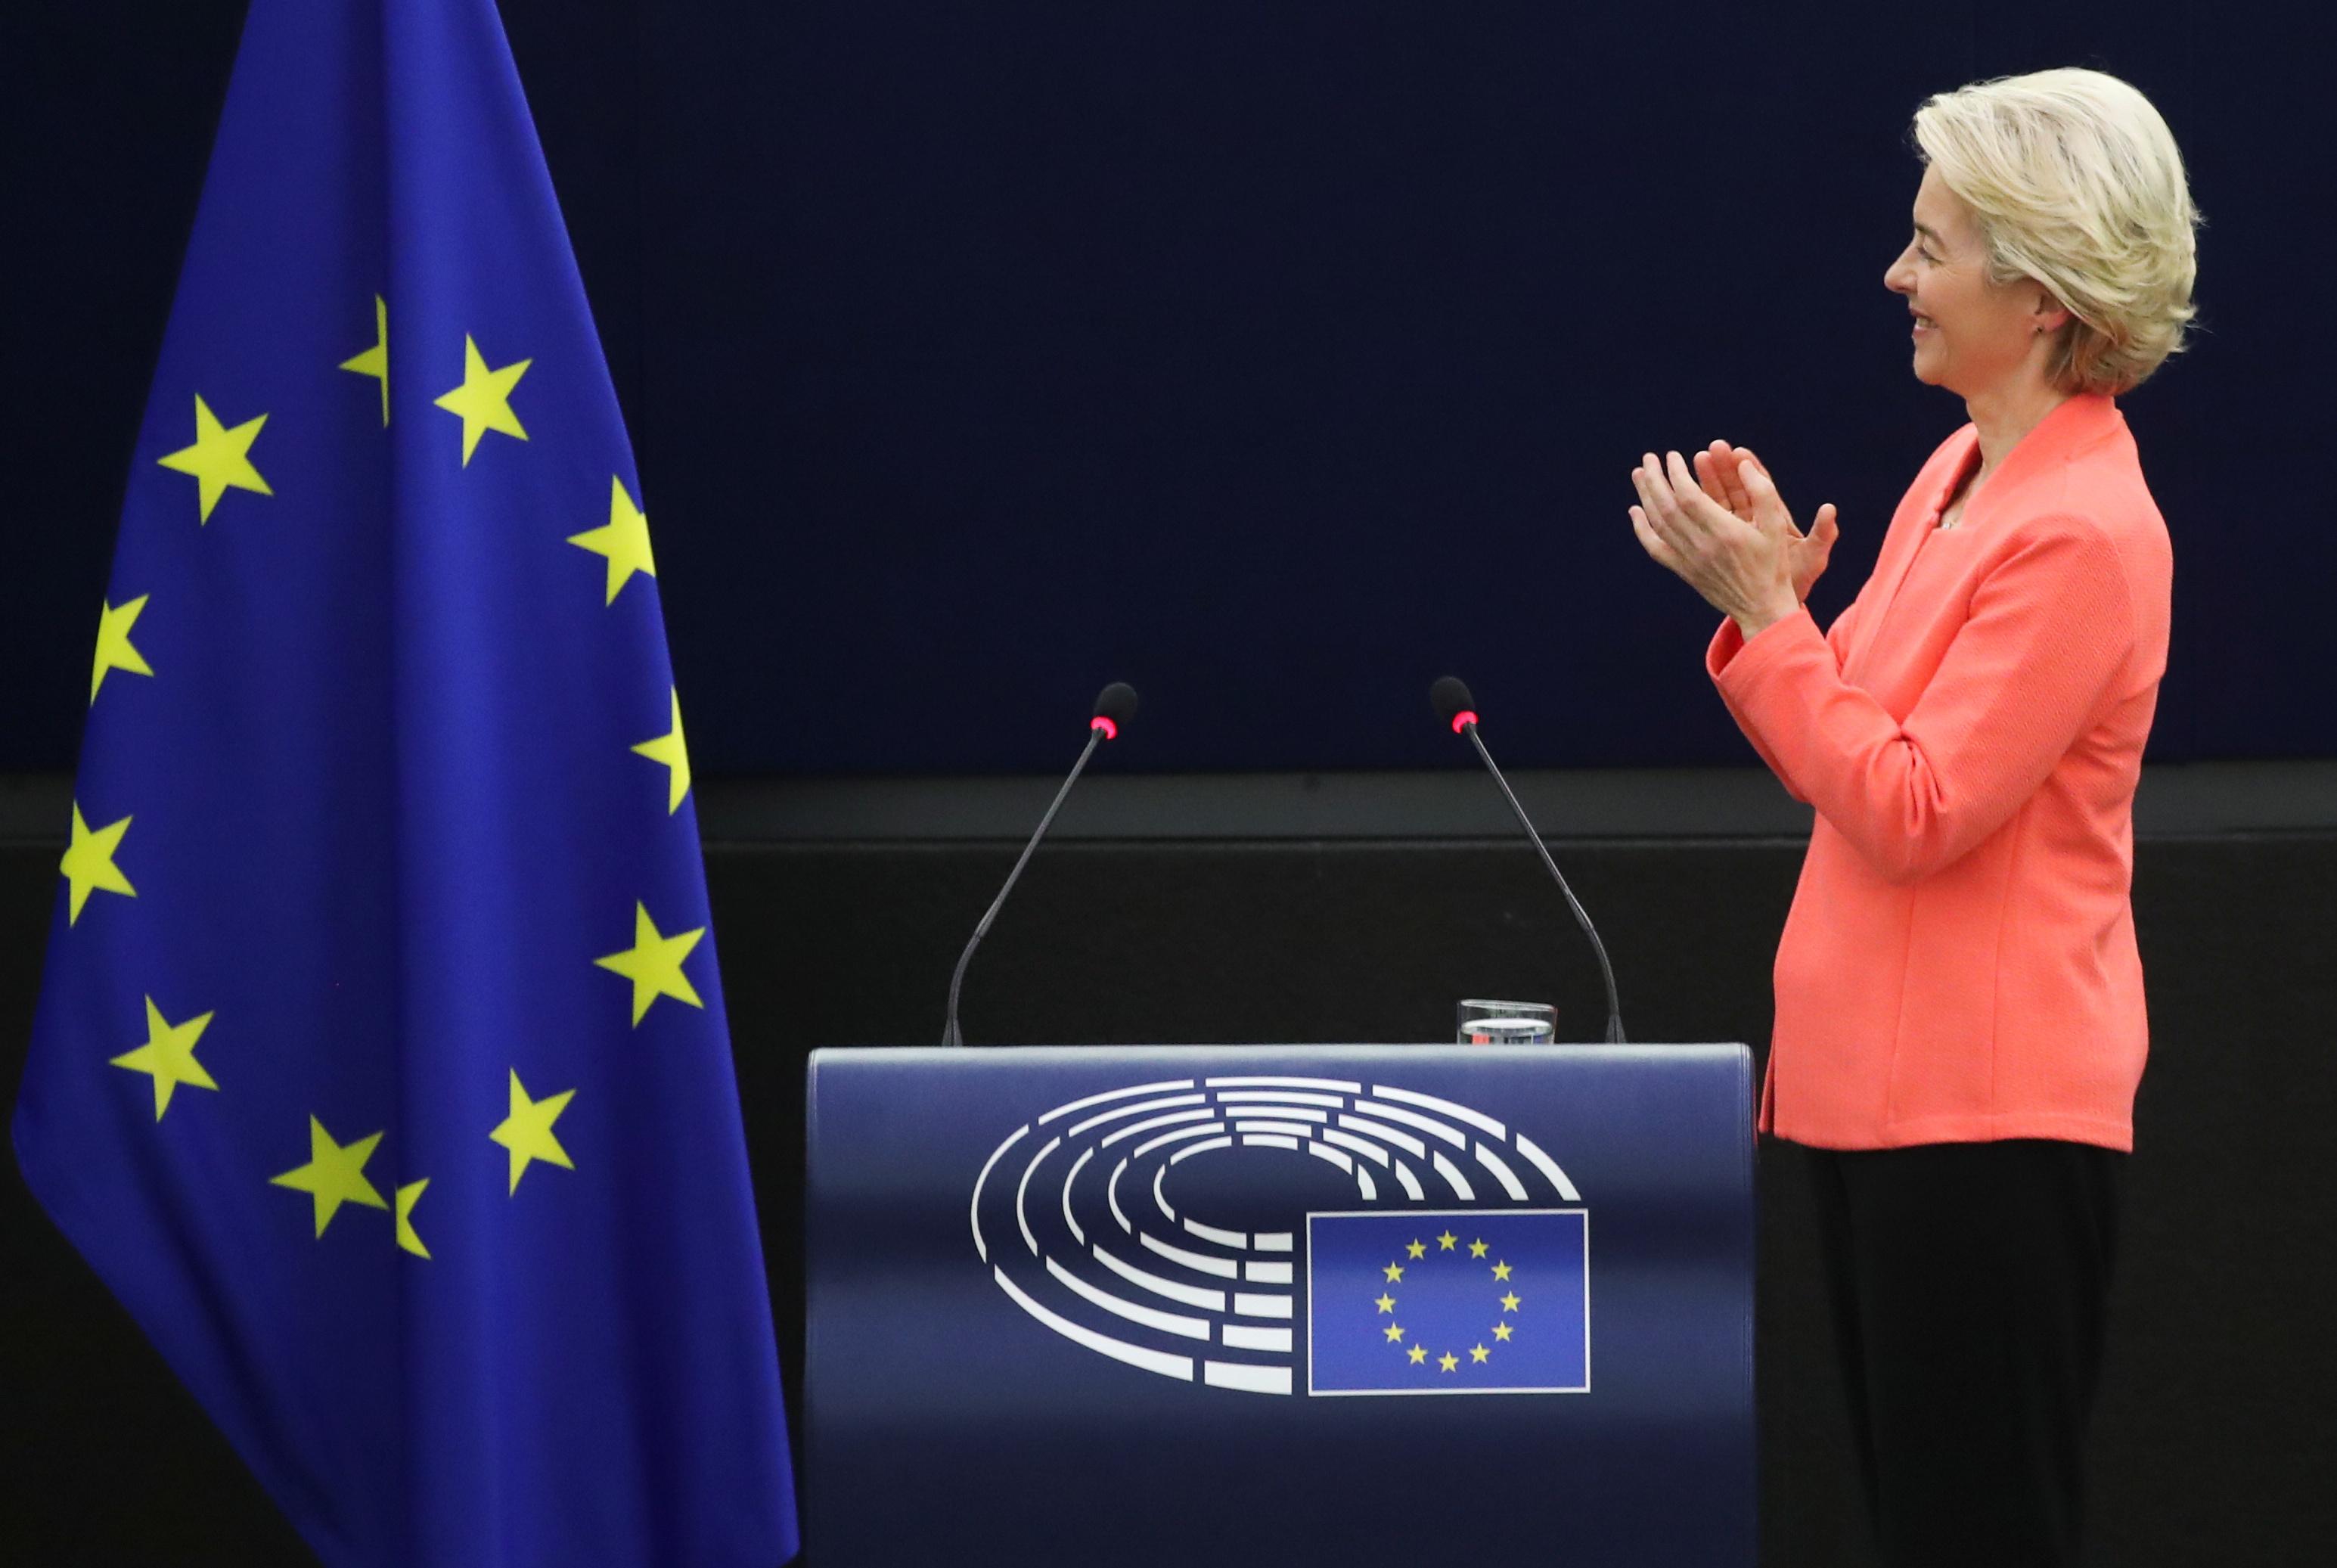 European Commission President Ursula von der Leyen applauds Tokyo 2020 Paralympic gold medallist Beatrice Vio as von der Leyen delivers a speech during a debate on